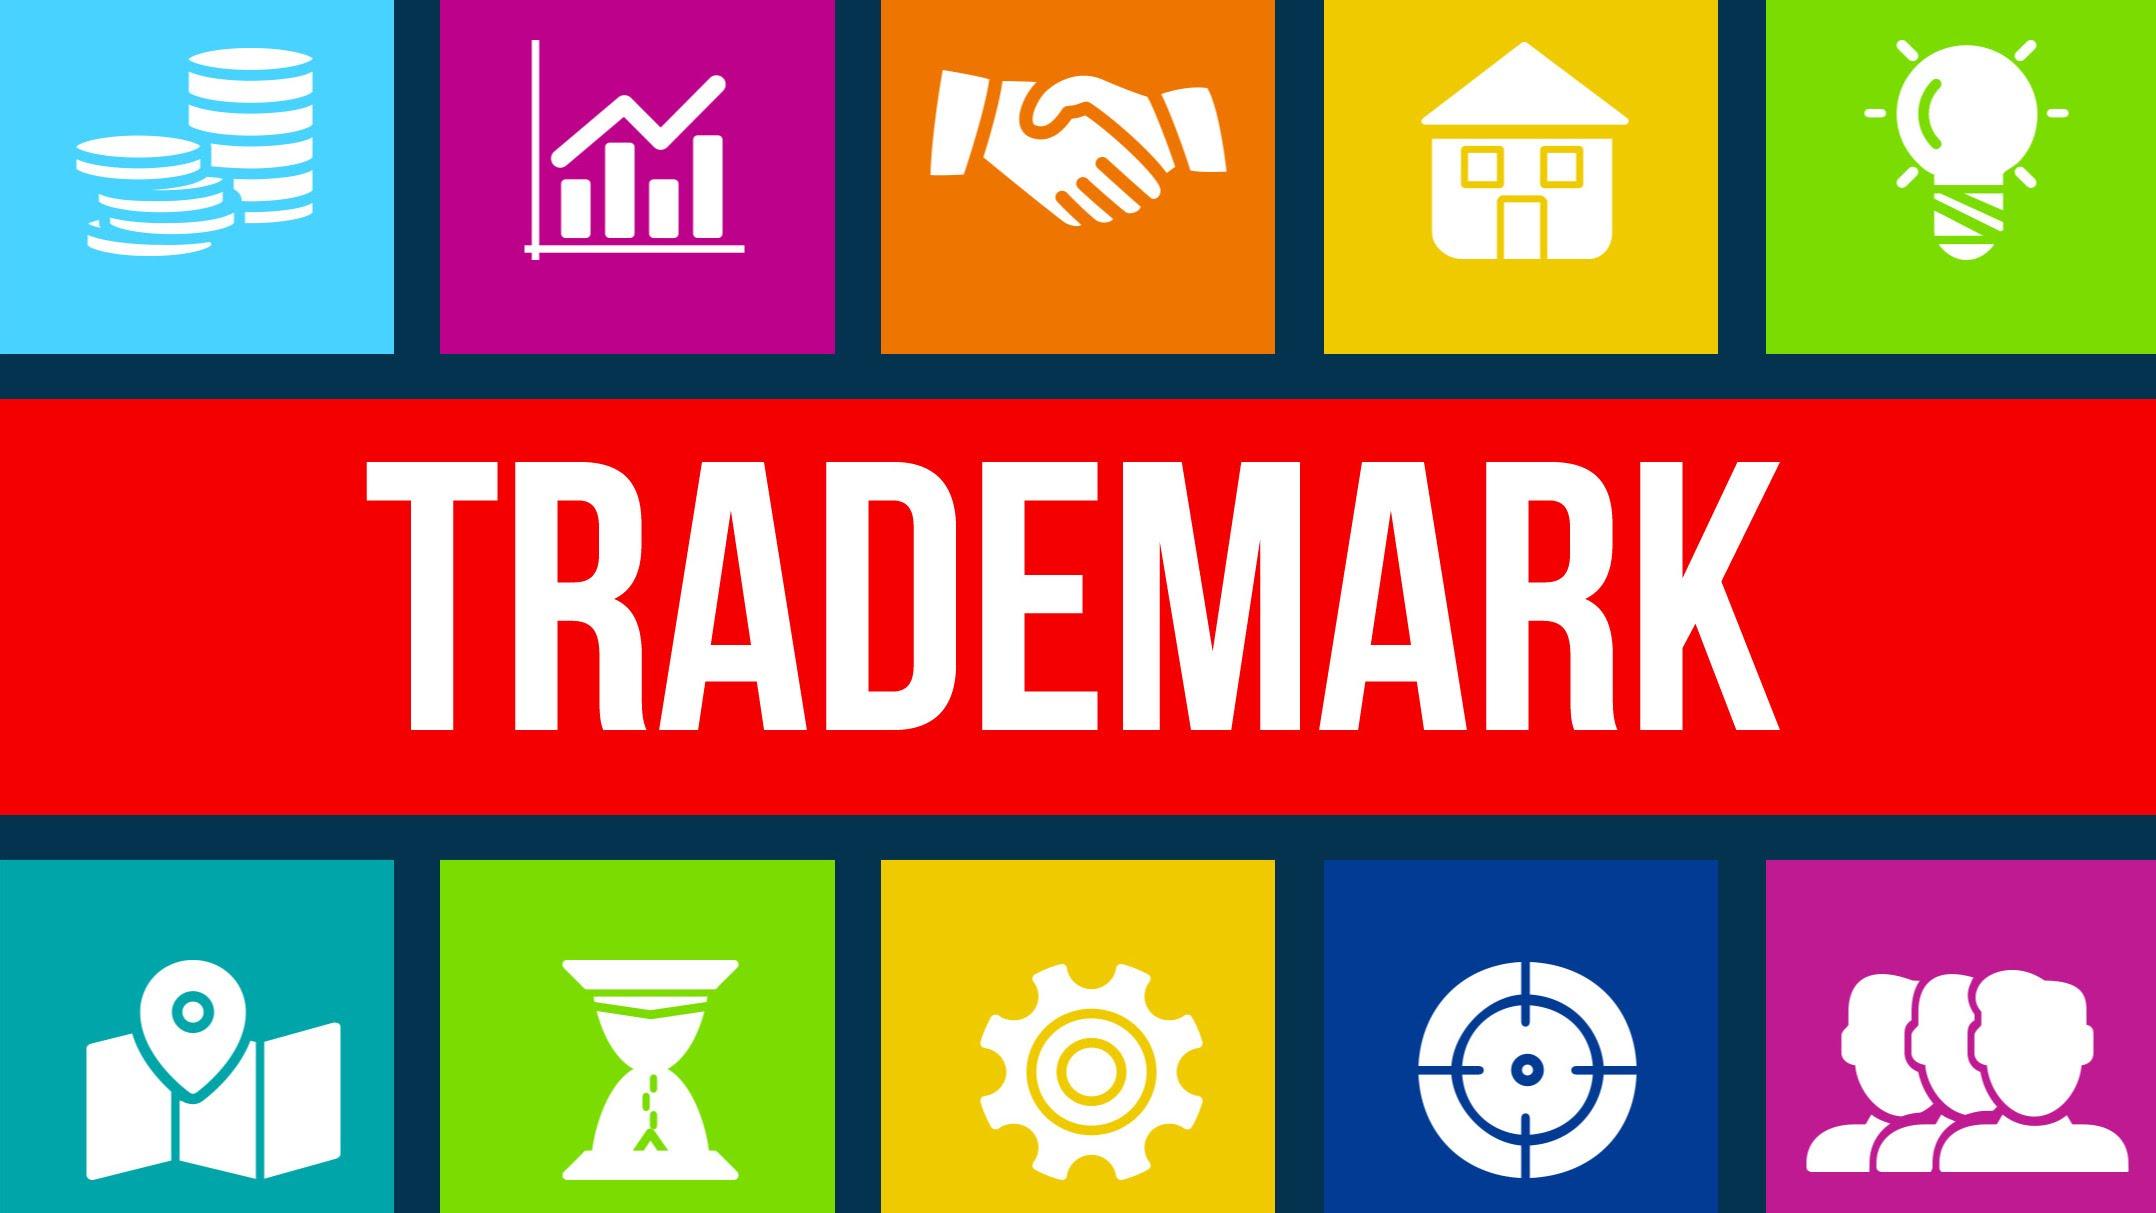 Top 6 Trademark Basics For Technology Entrepreneurs